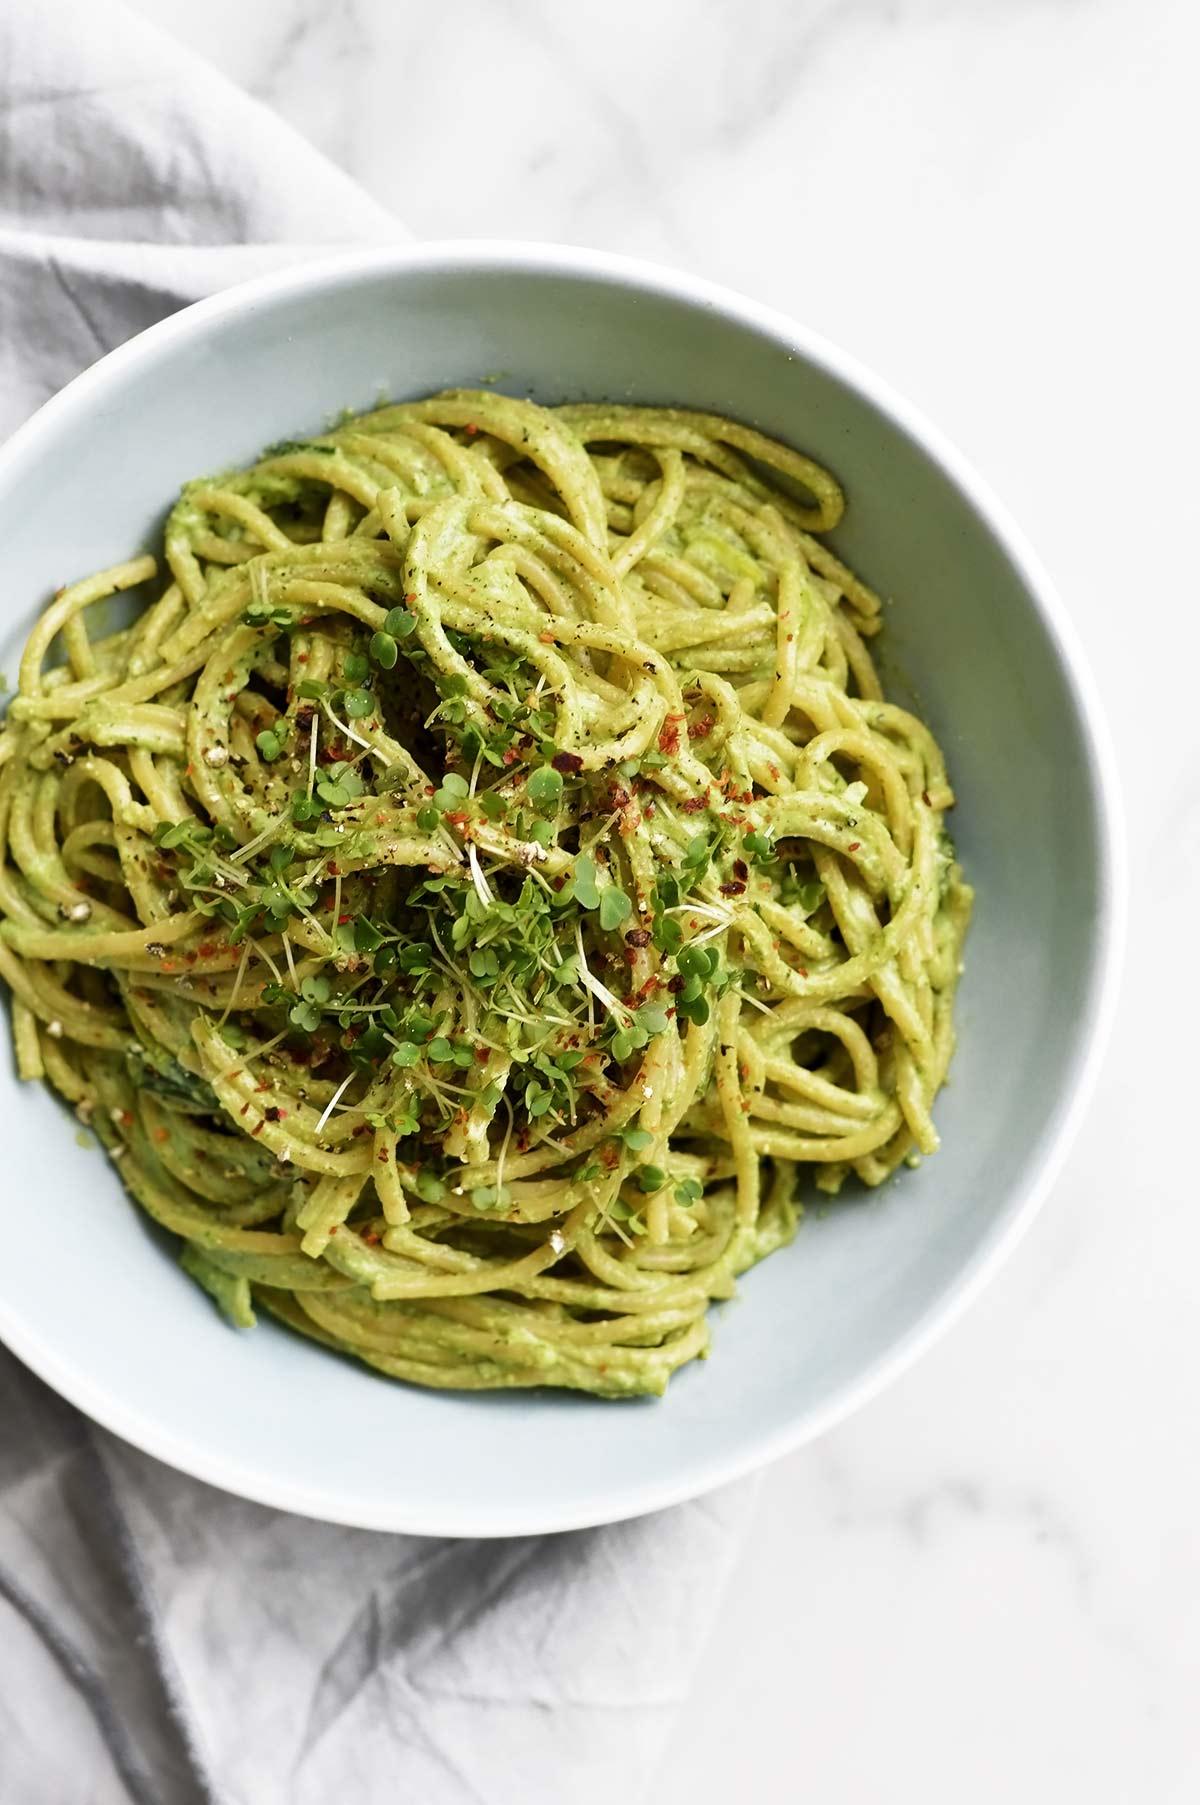 hemp seeds pesto pasta dish